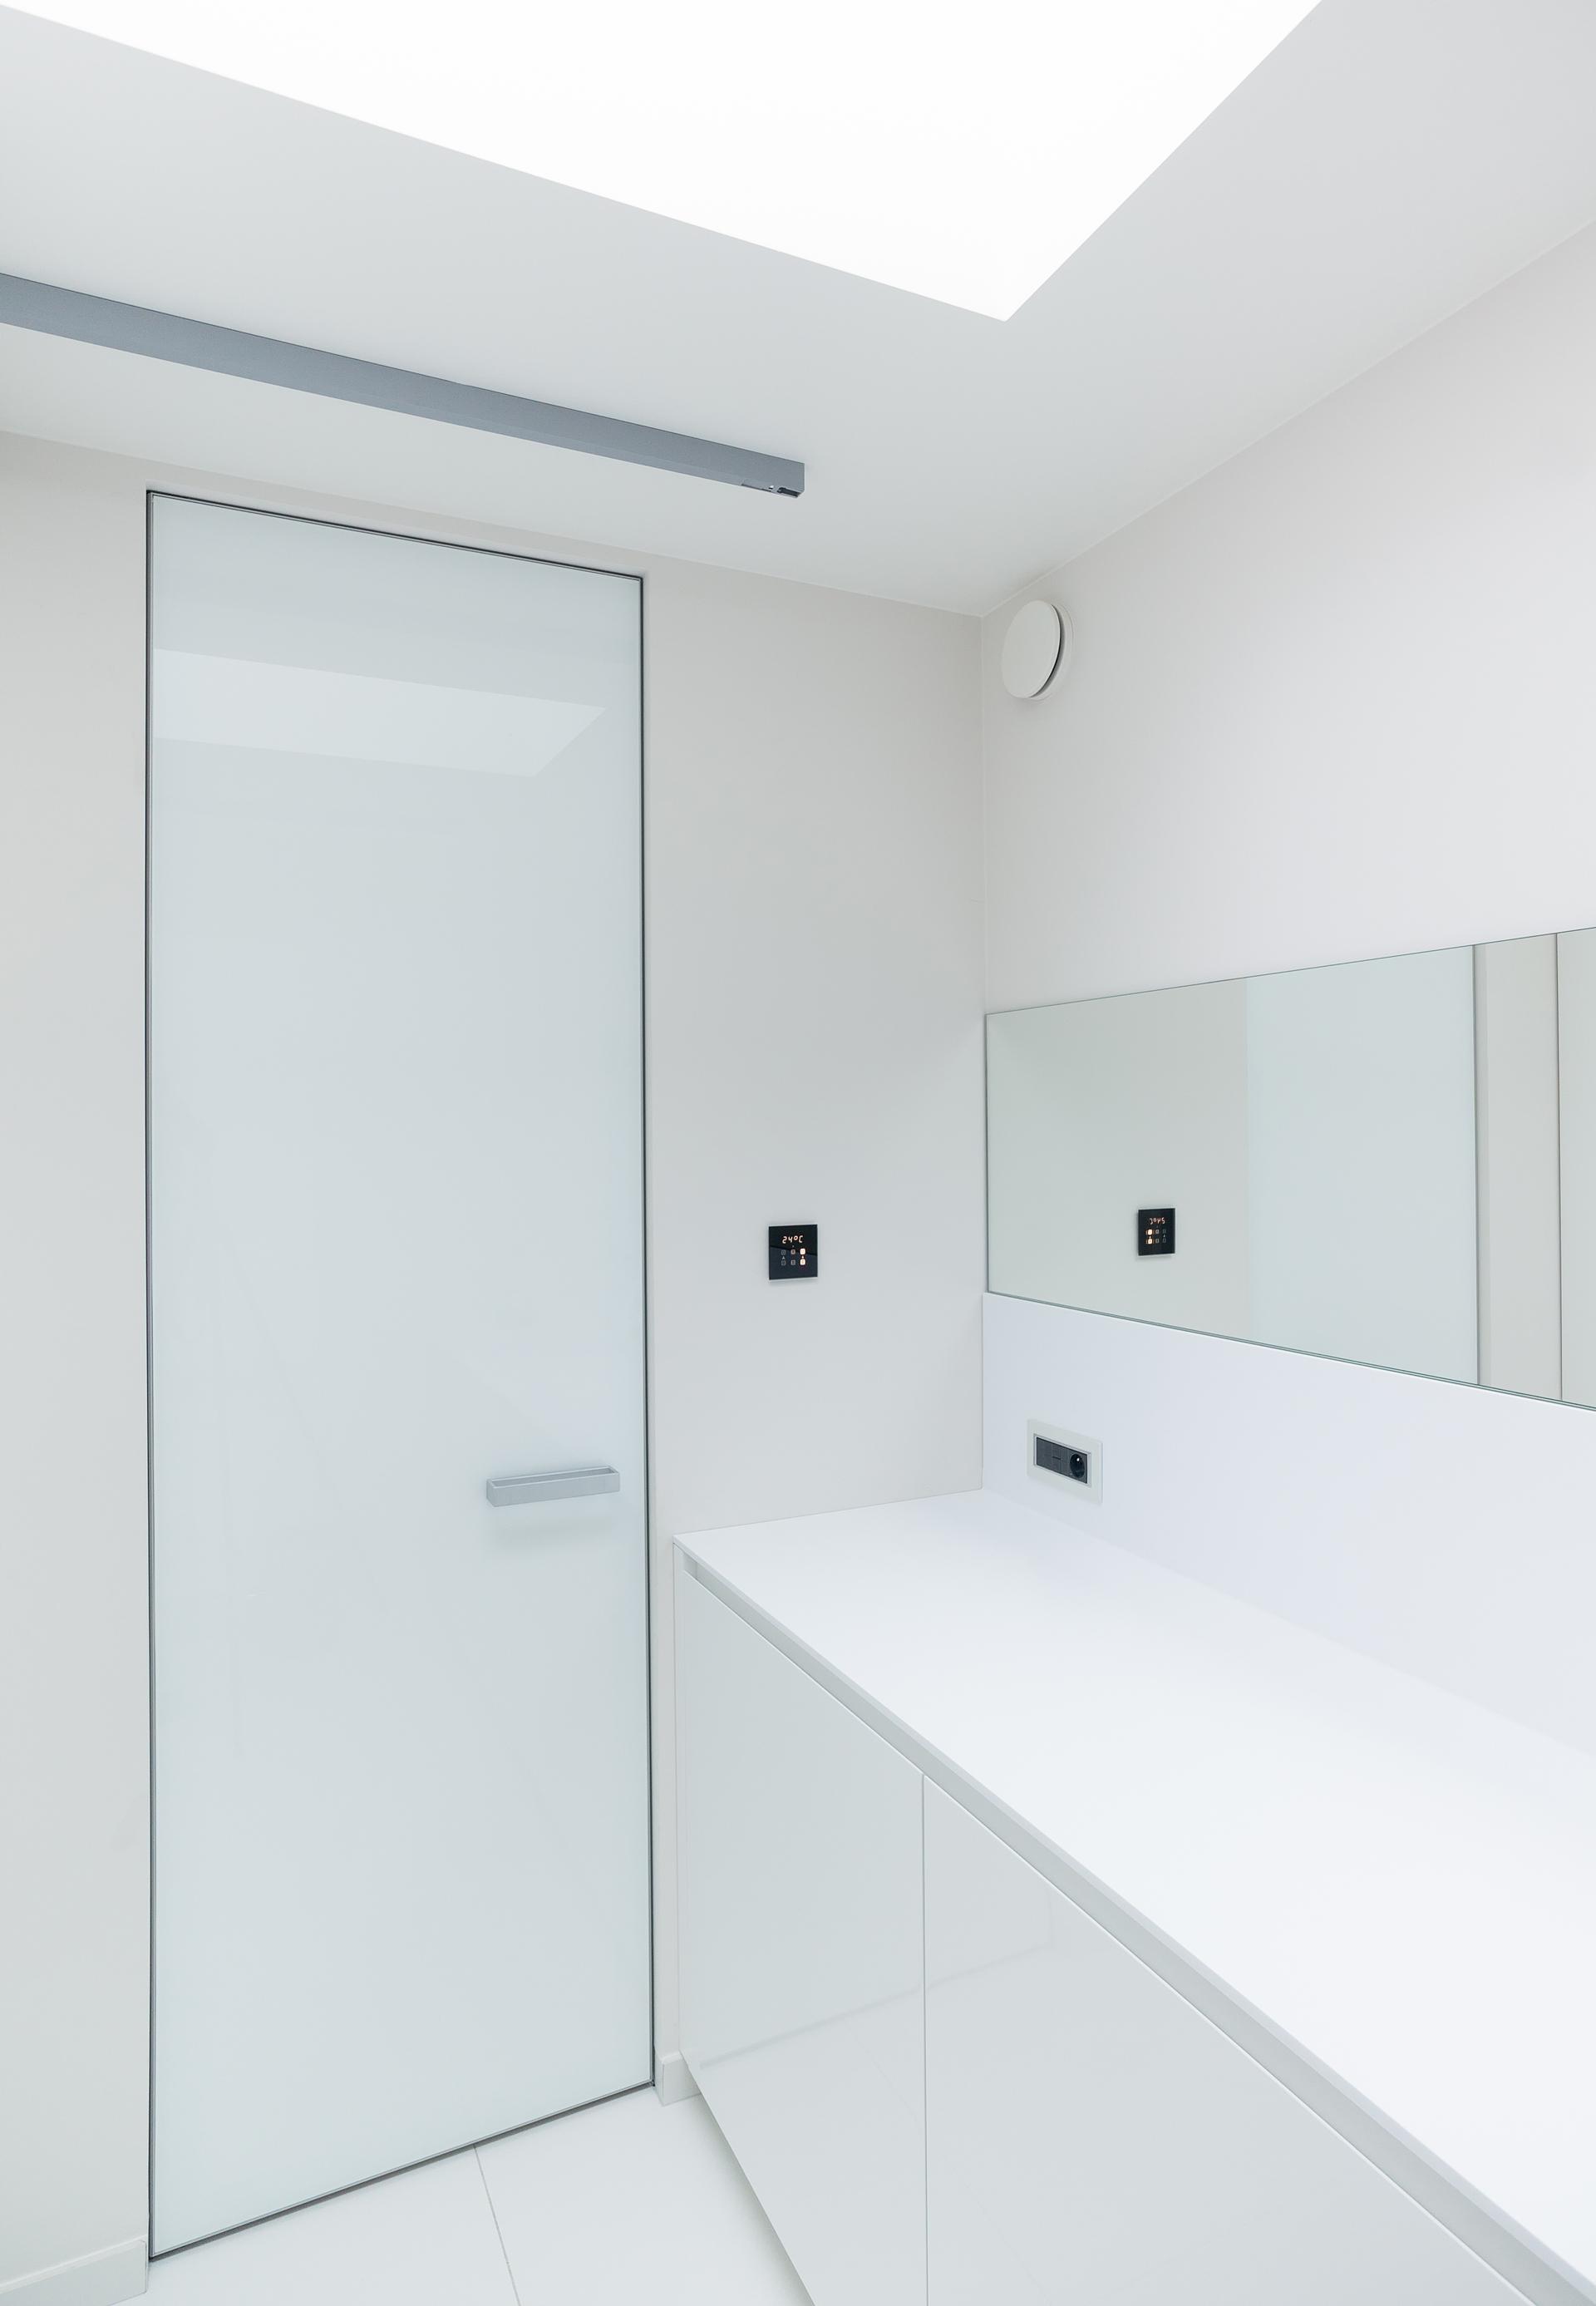 Глянцевая дверь в стиле минимализм